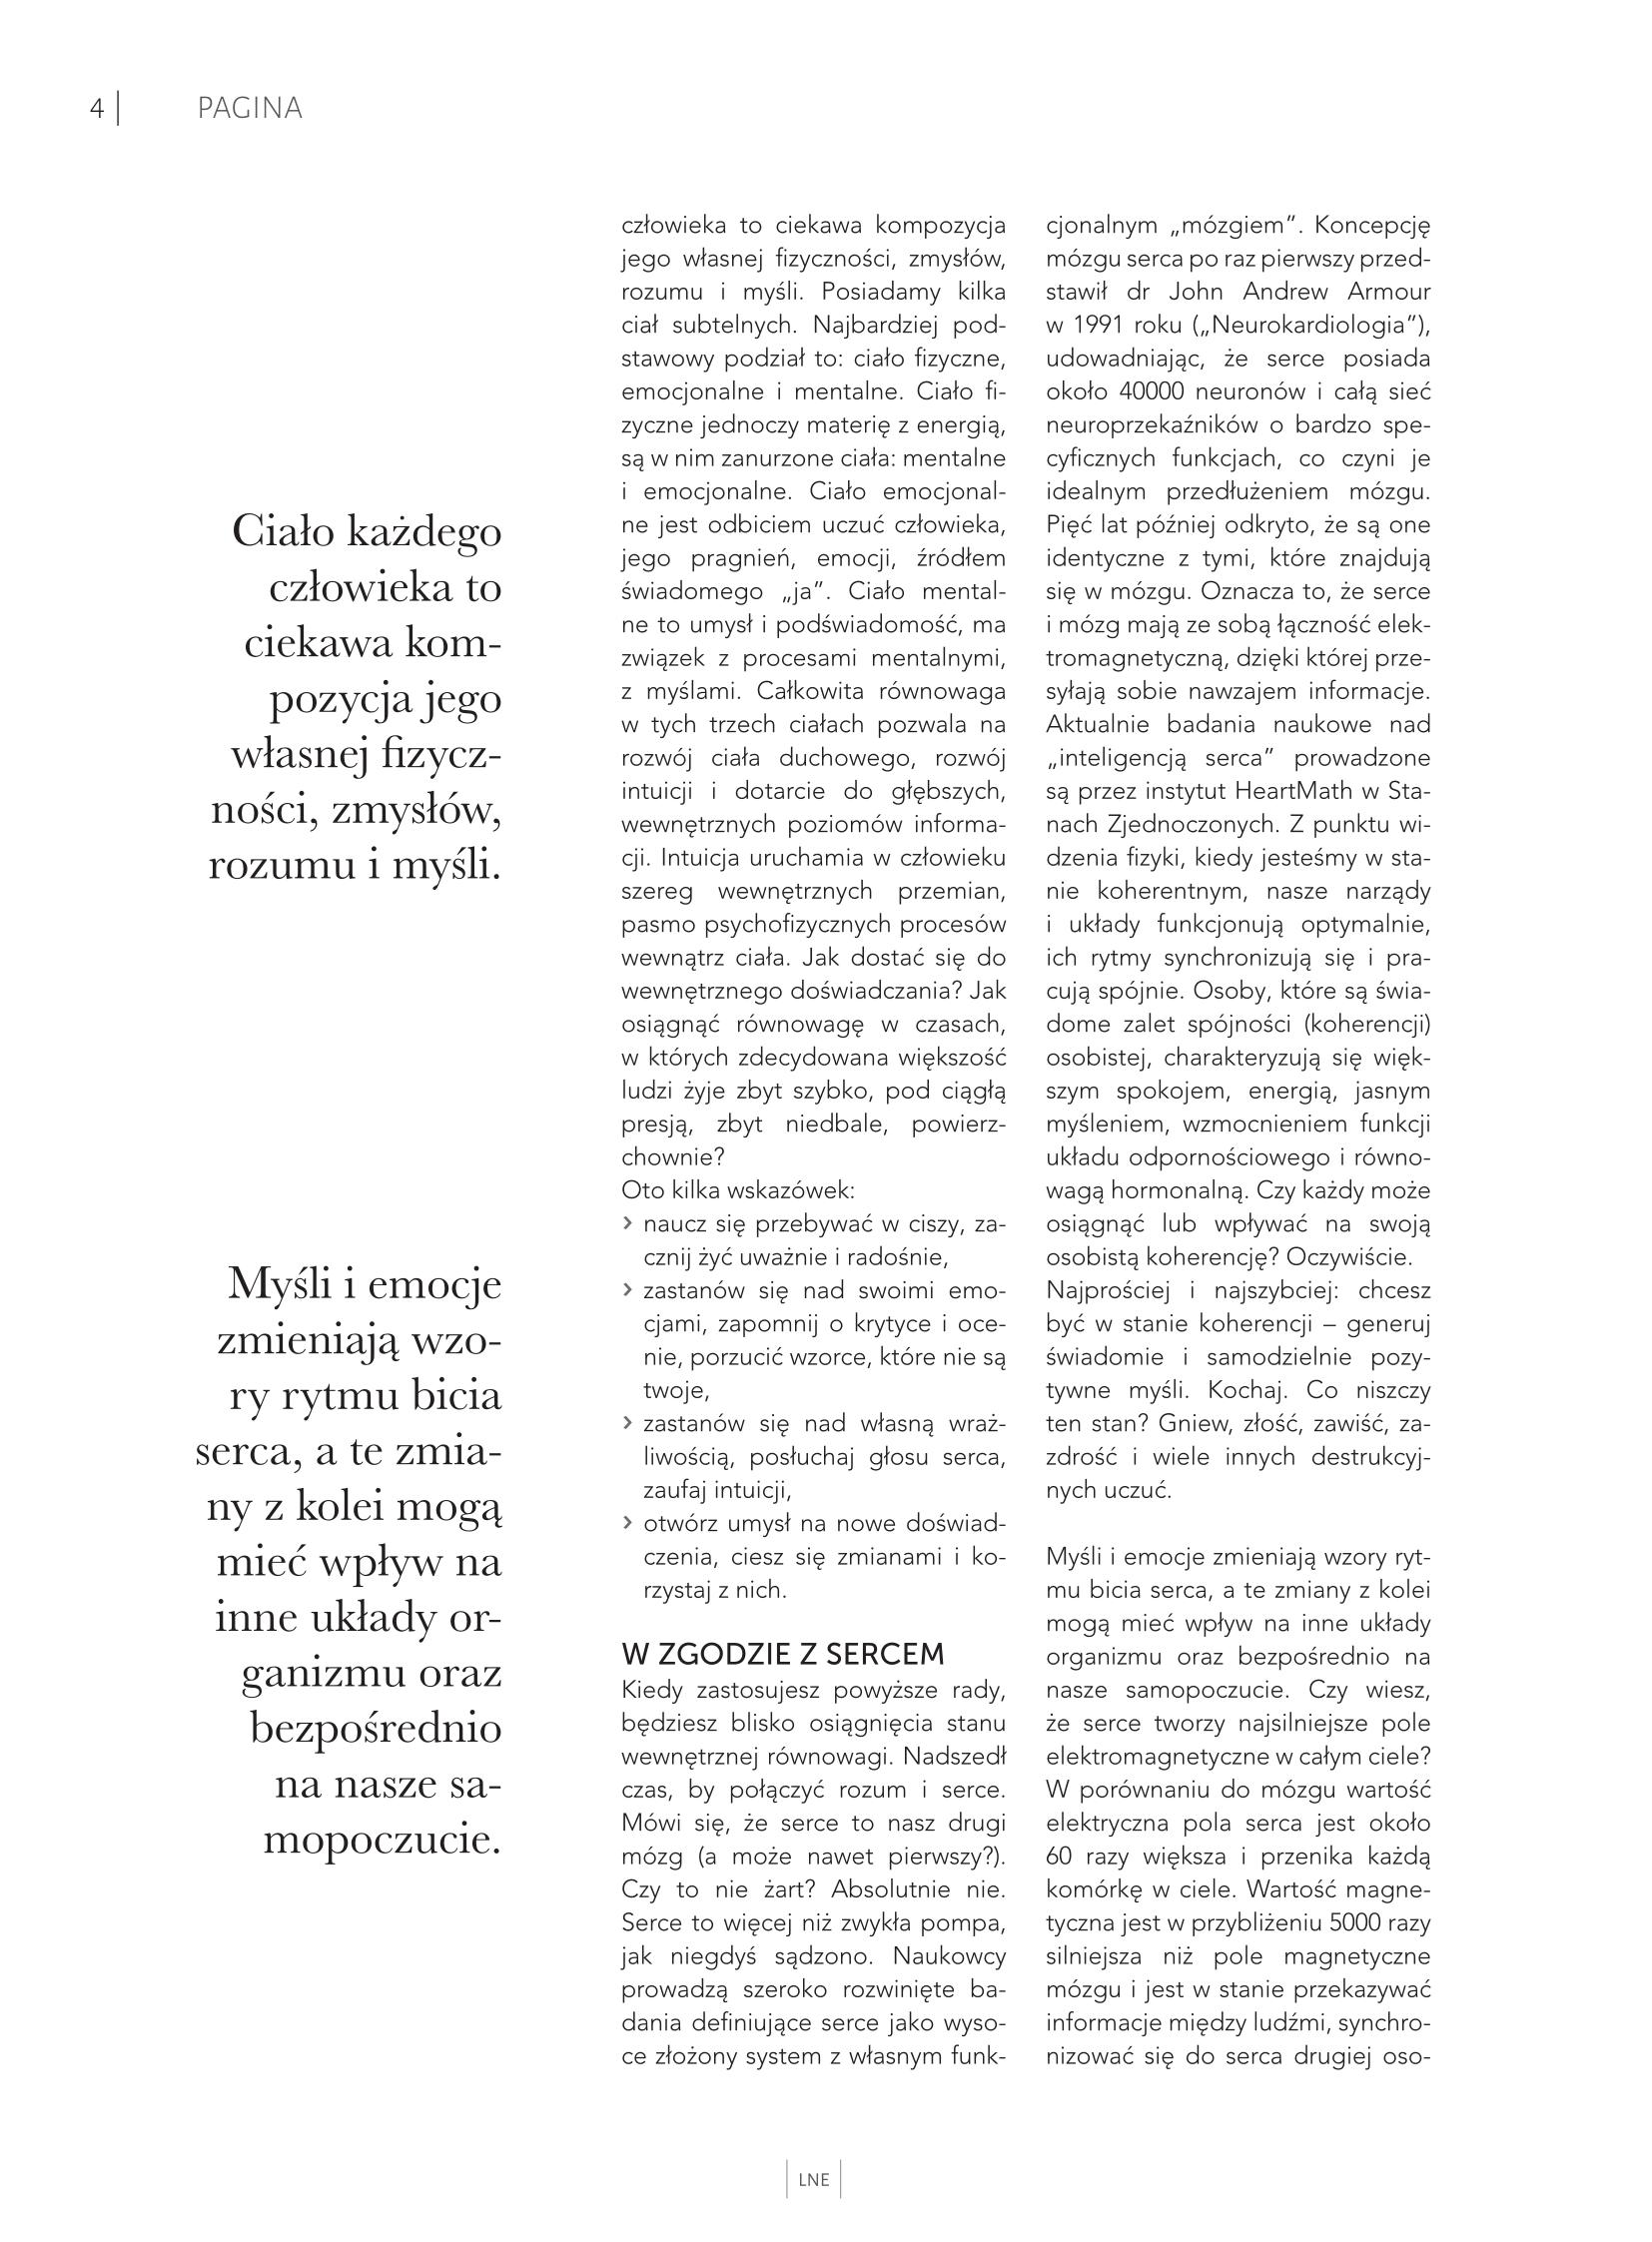 Artykuł w LNE